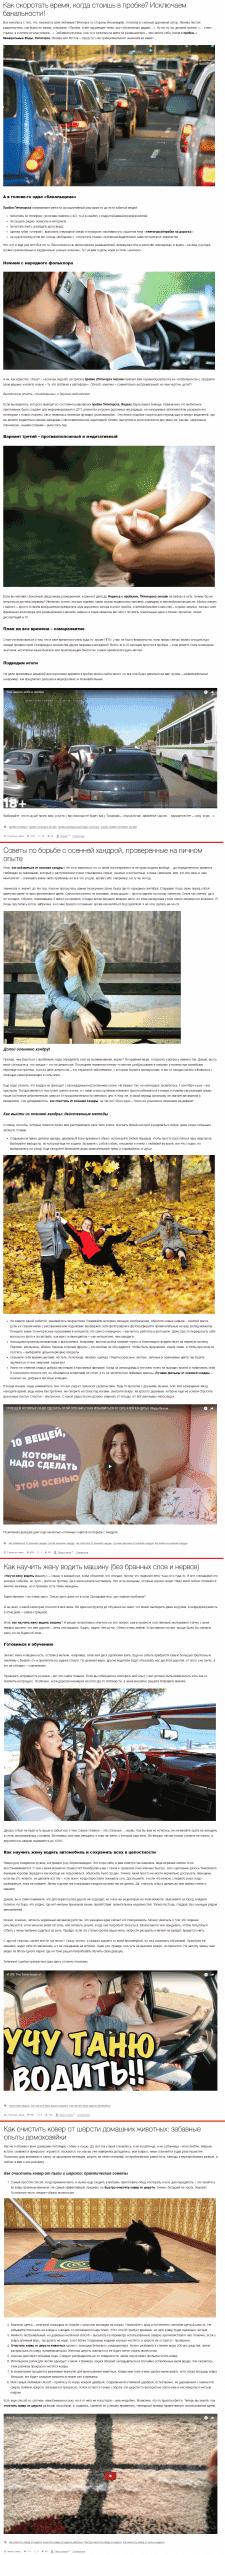 БЛОГ | Статьи для блога сайта Пятигорска